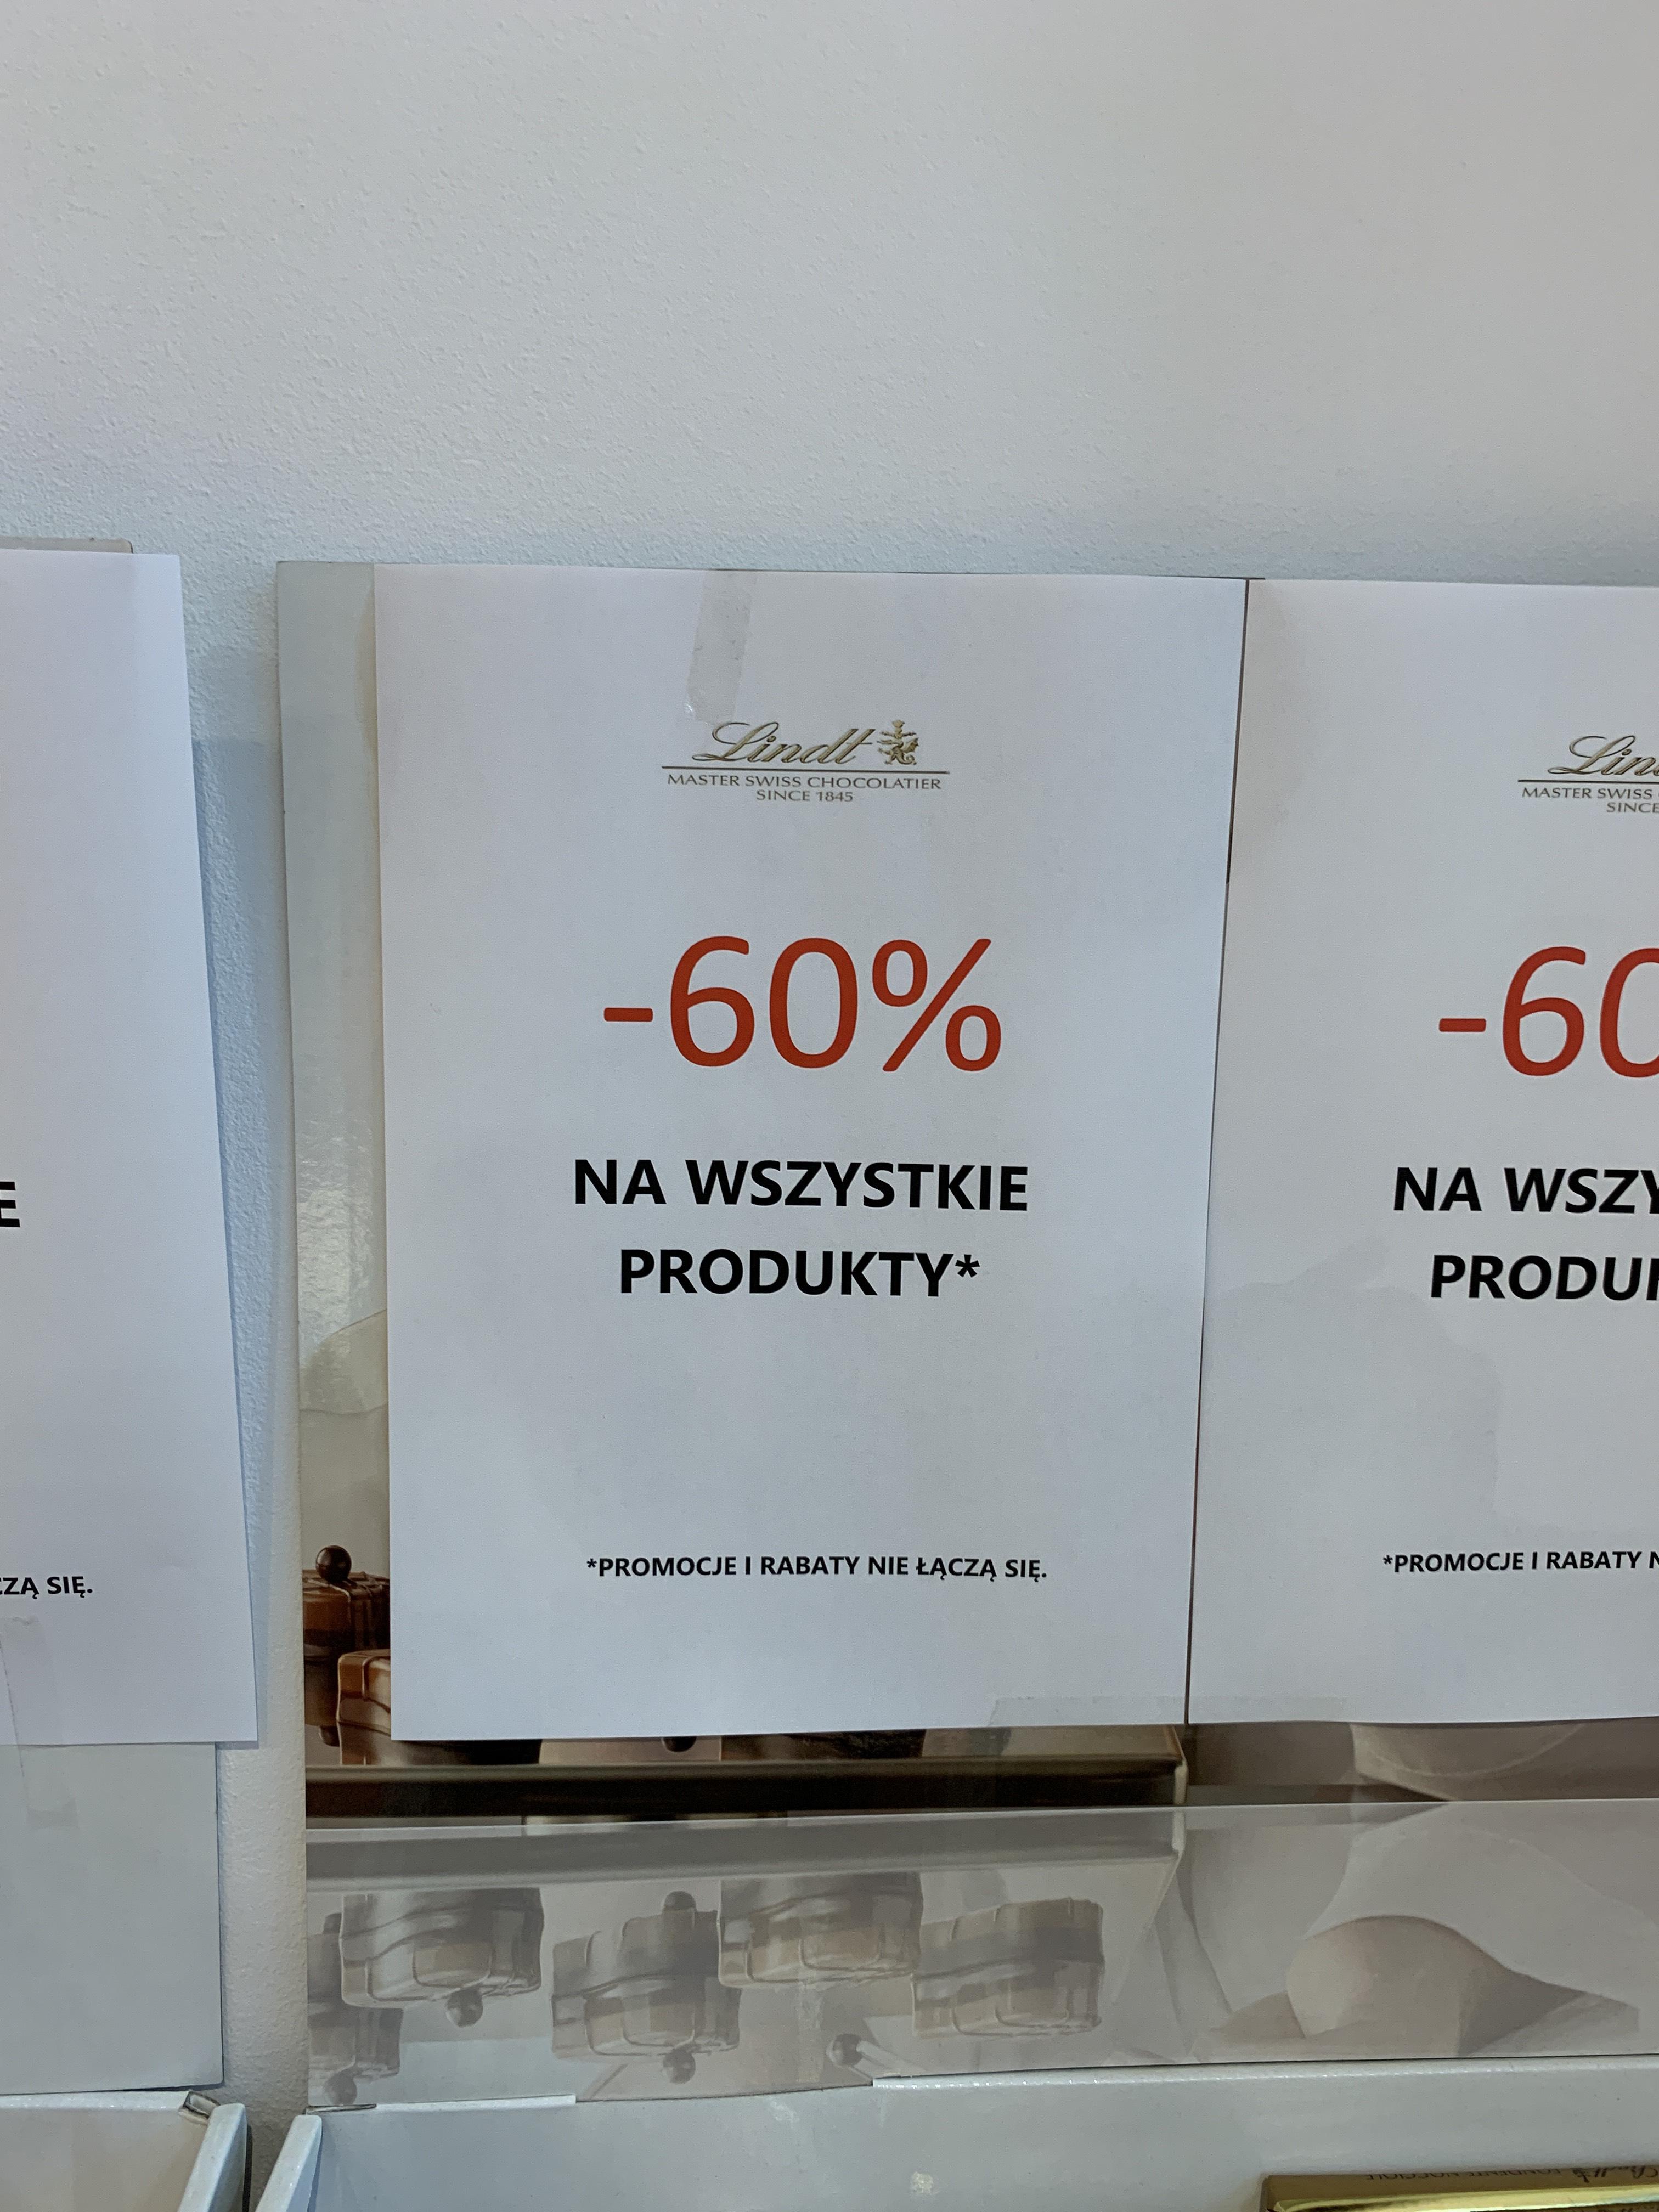 Lindt outlet Wrocław - 60% na wszystko